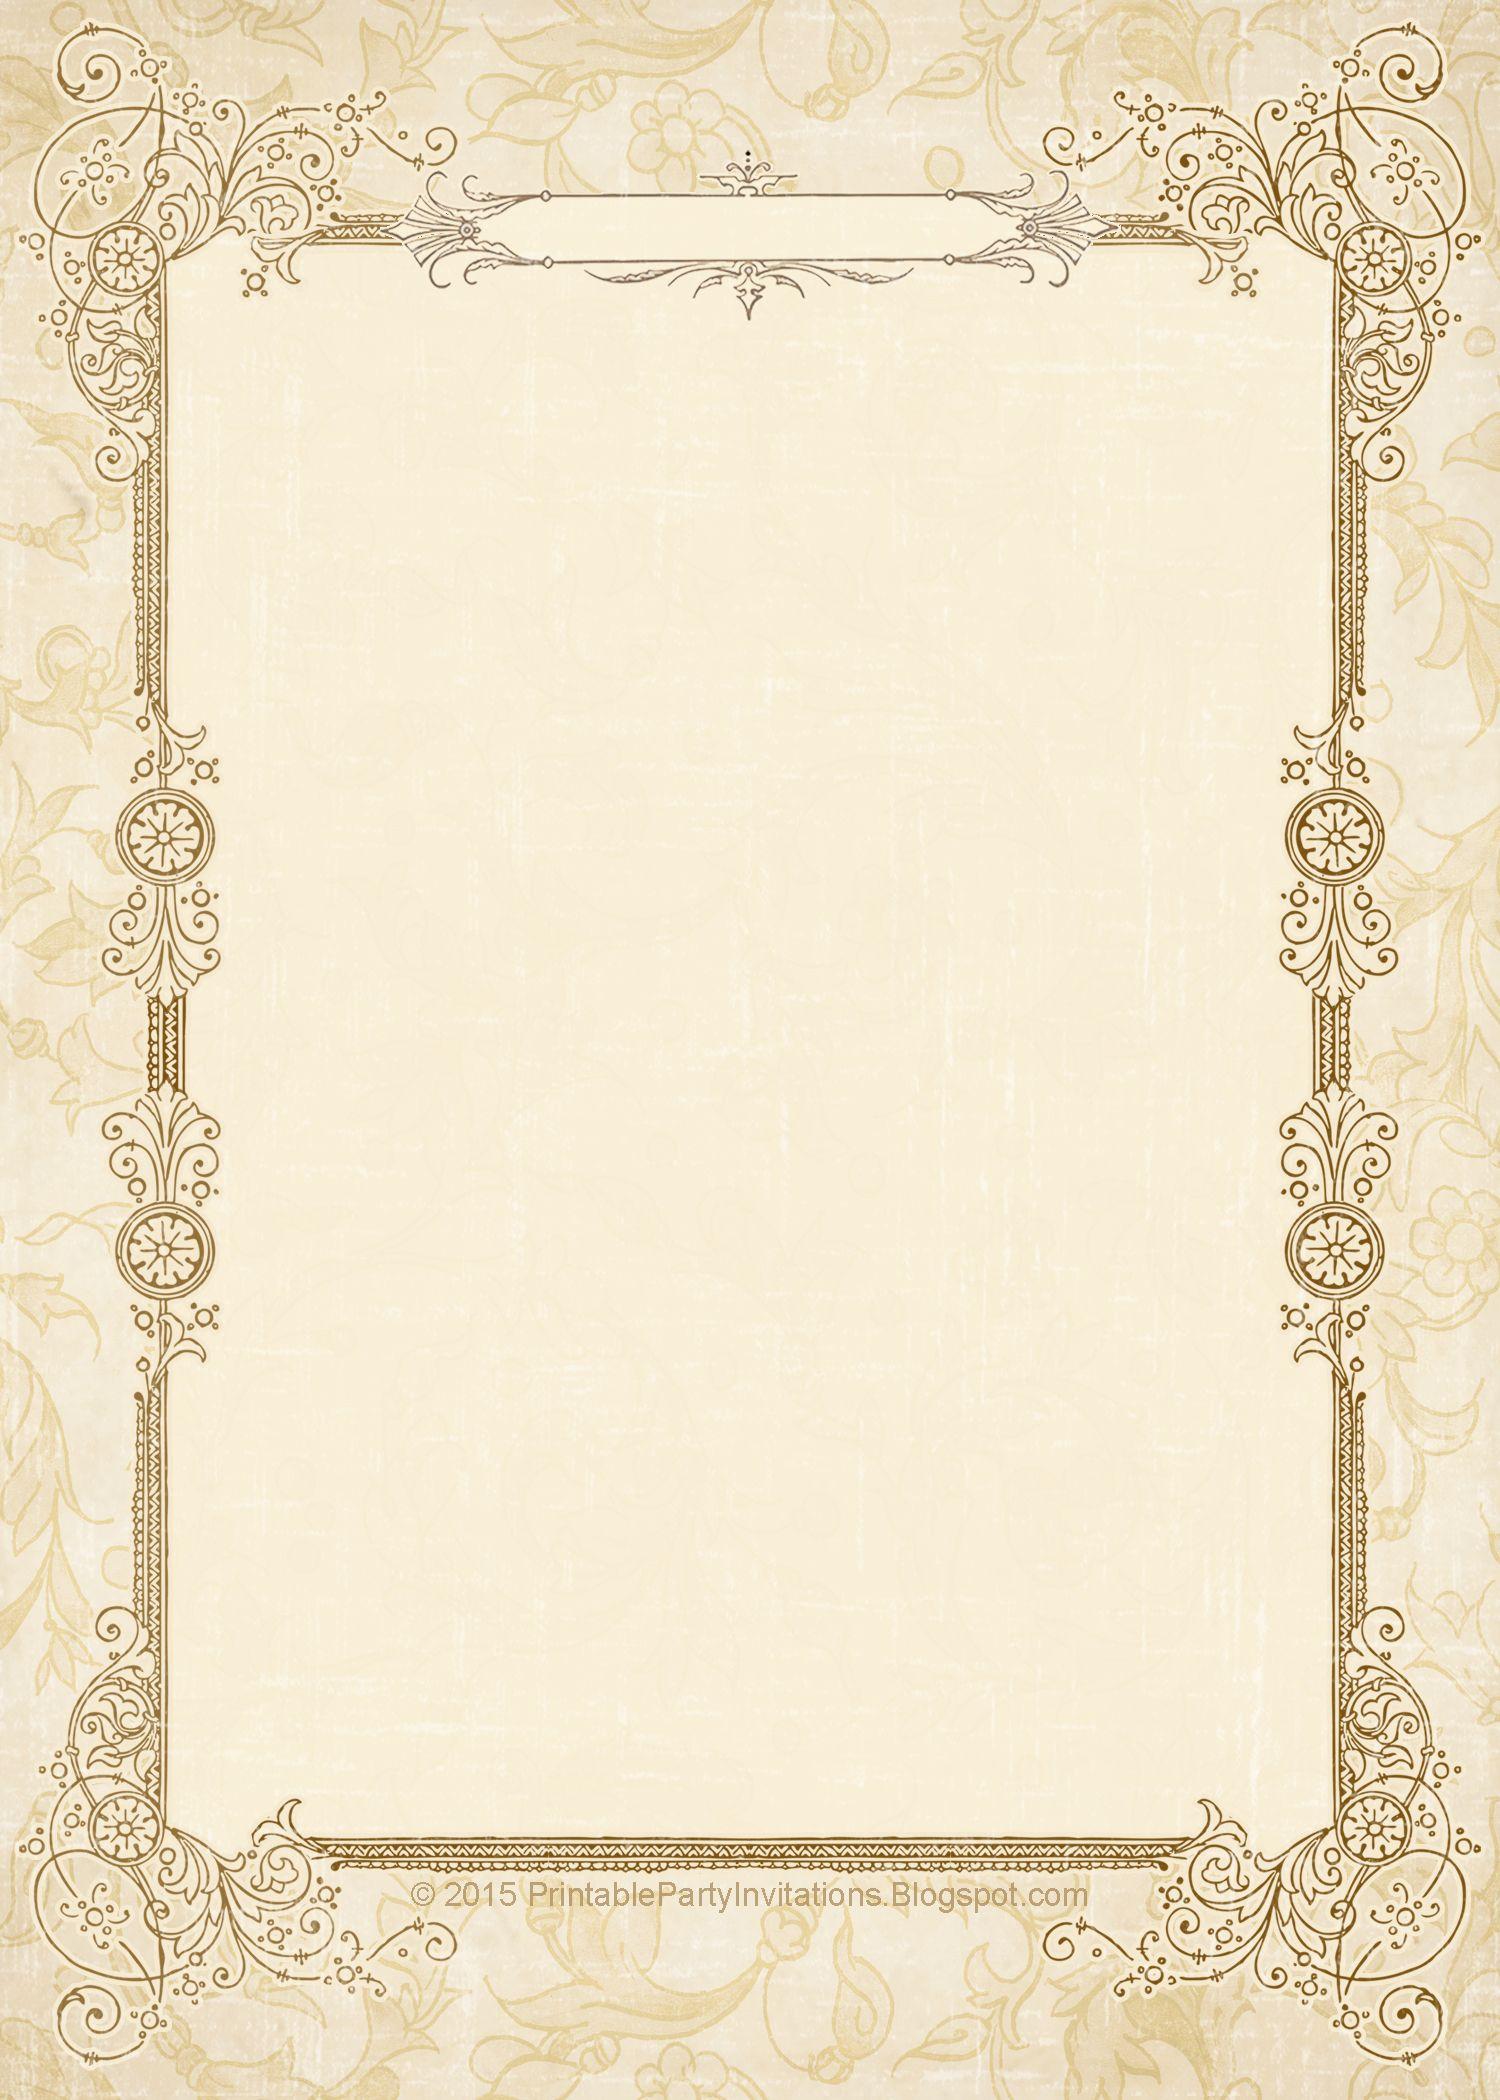 Free Printable Vintage Wedding Invitations Vintage Wedding Invitations Templates Wedding Templates Printable Free Printable Wedding Invitations